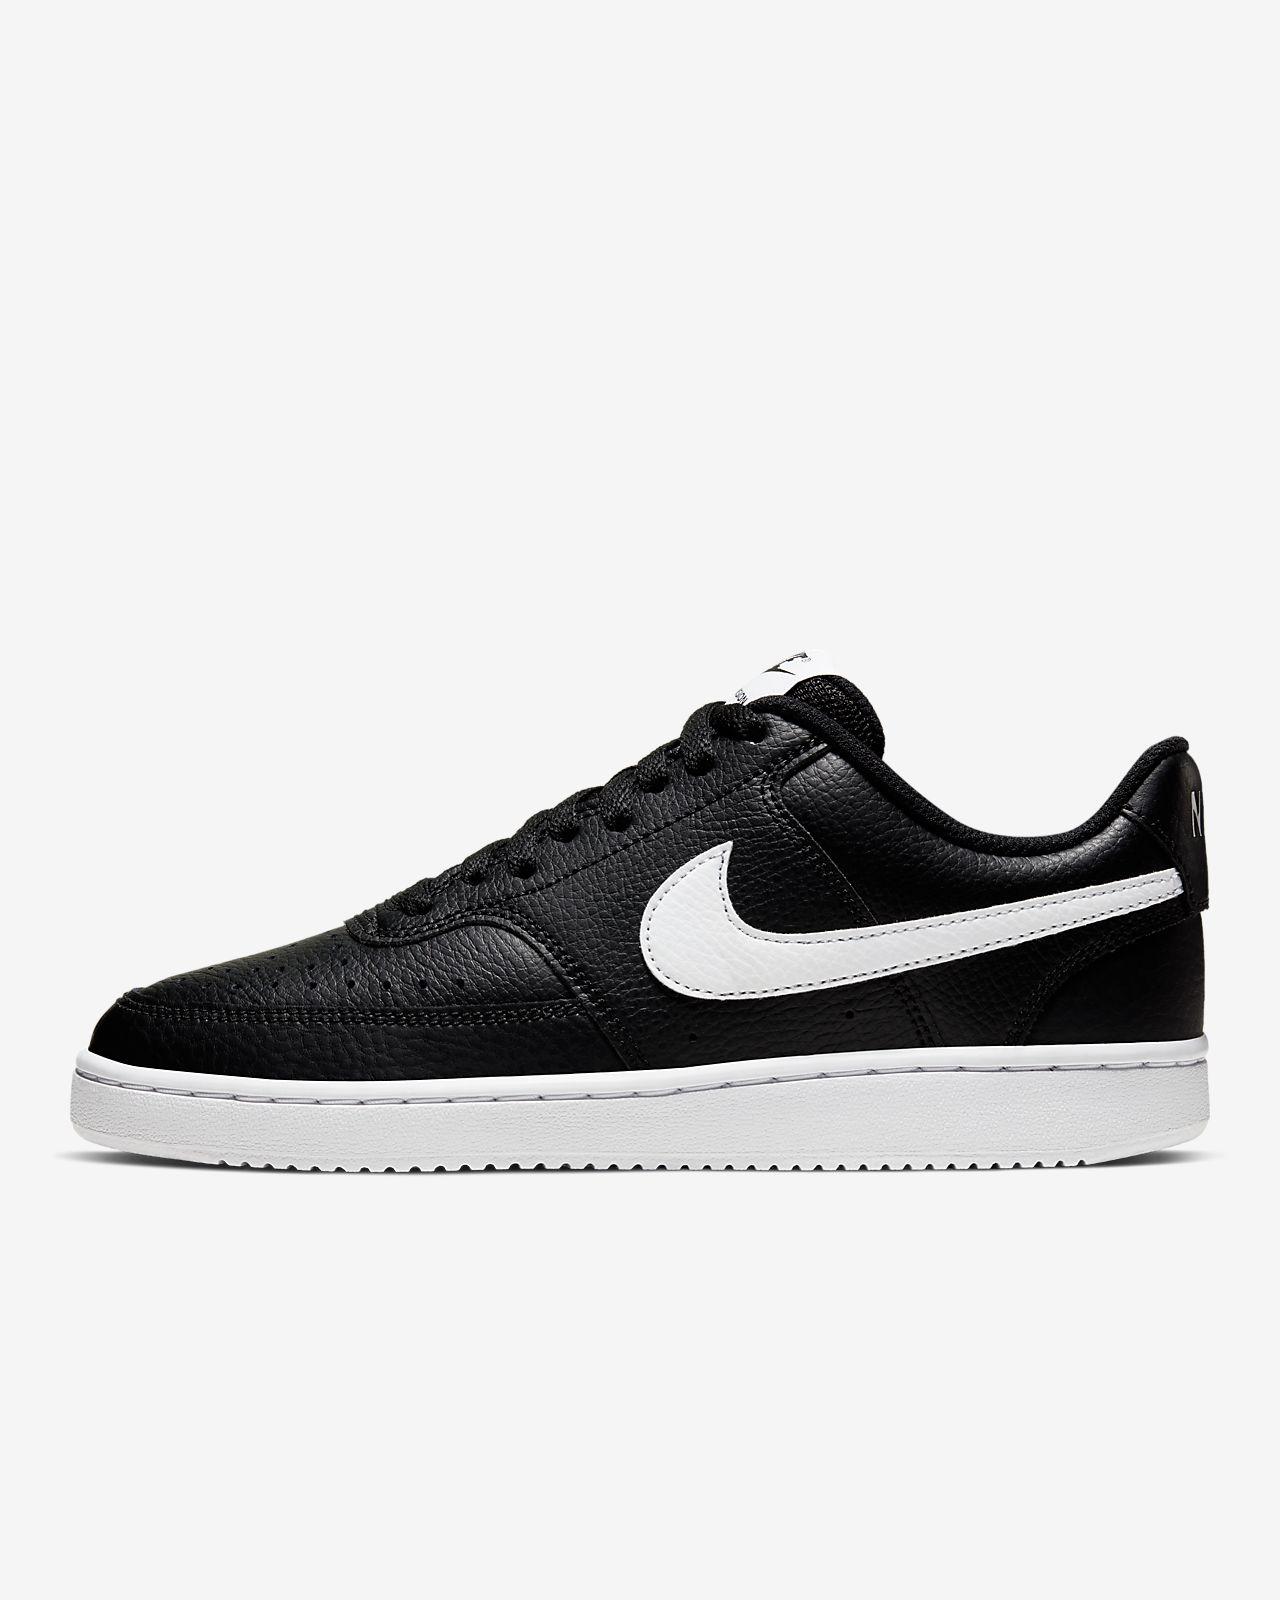 Nike Cortez: Masculino, Feminino, Preto, Branco, Leather e